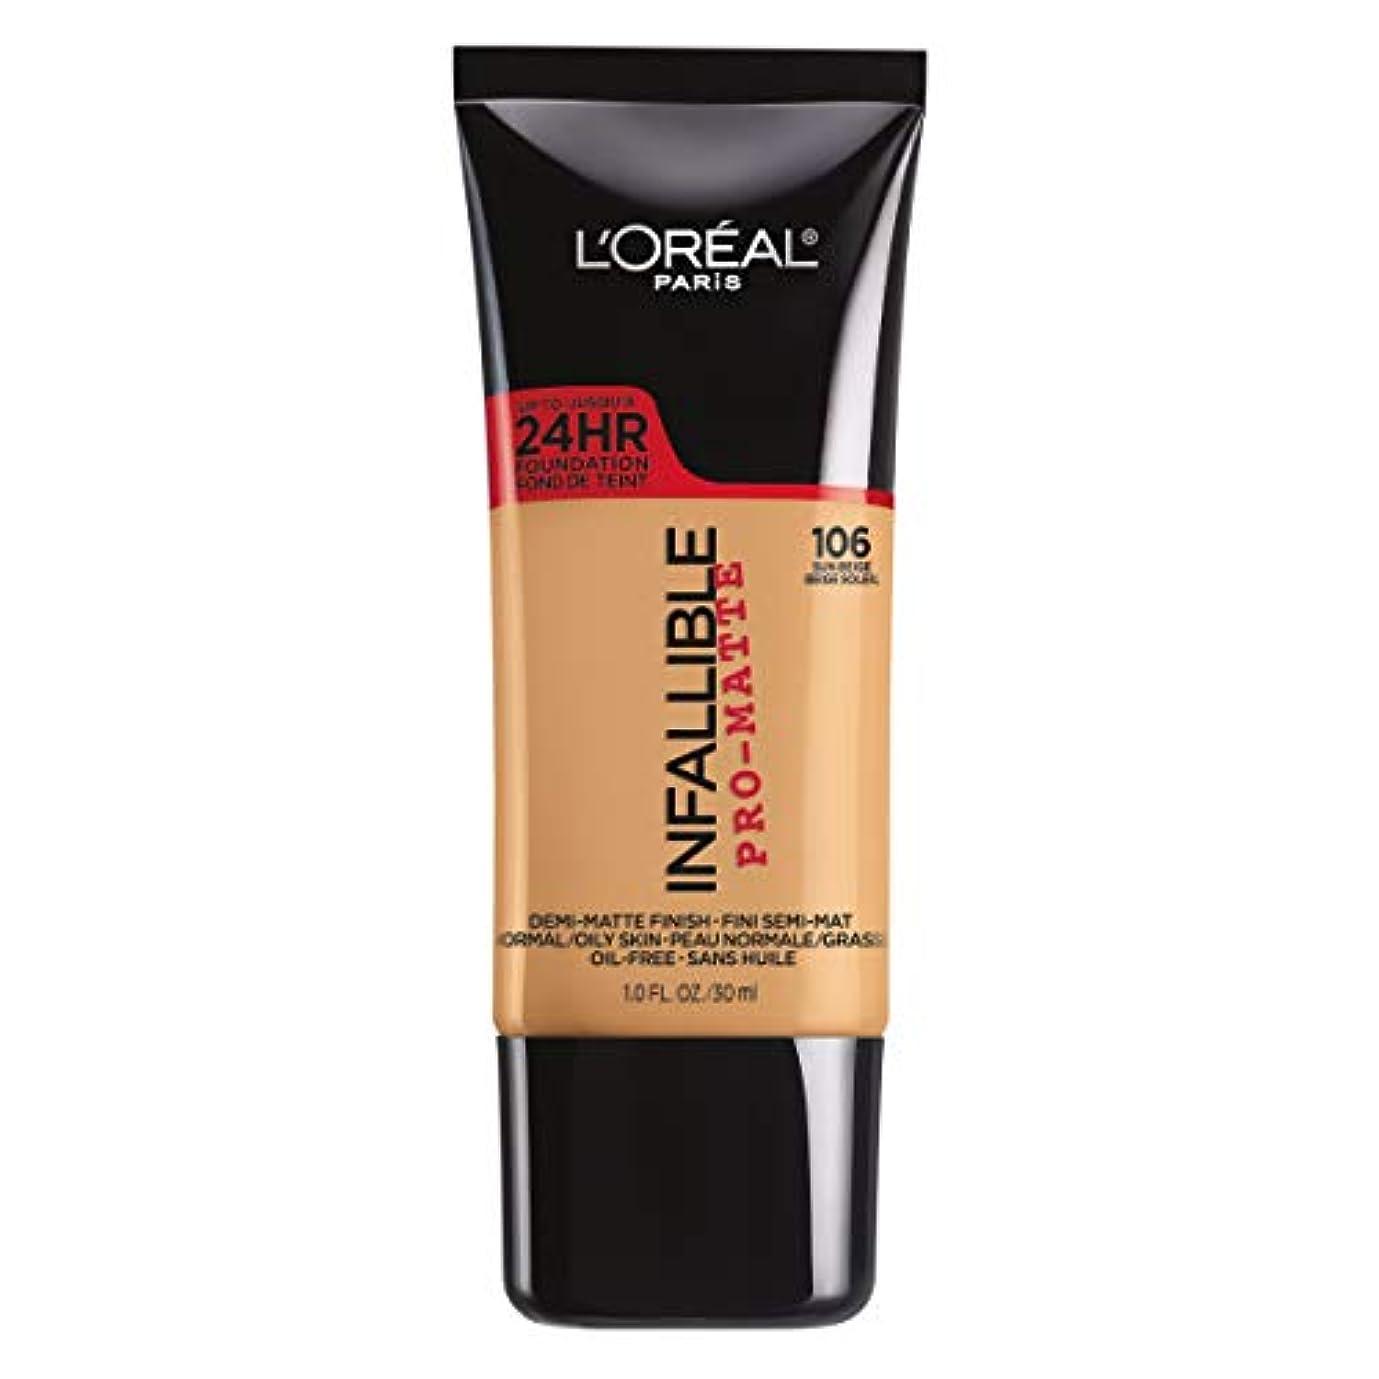 冬嫌な一口L'Oreal Paris Infallible Pro-Matte Foundation Makeup, 106 Sun Beige, 1 fl. oz[並行輸入品]